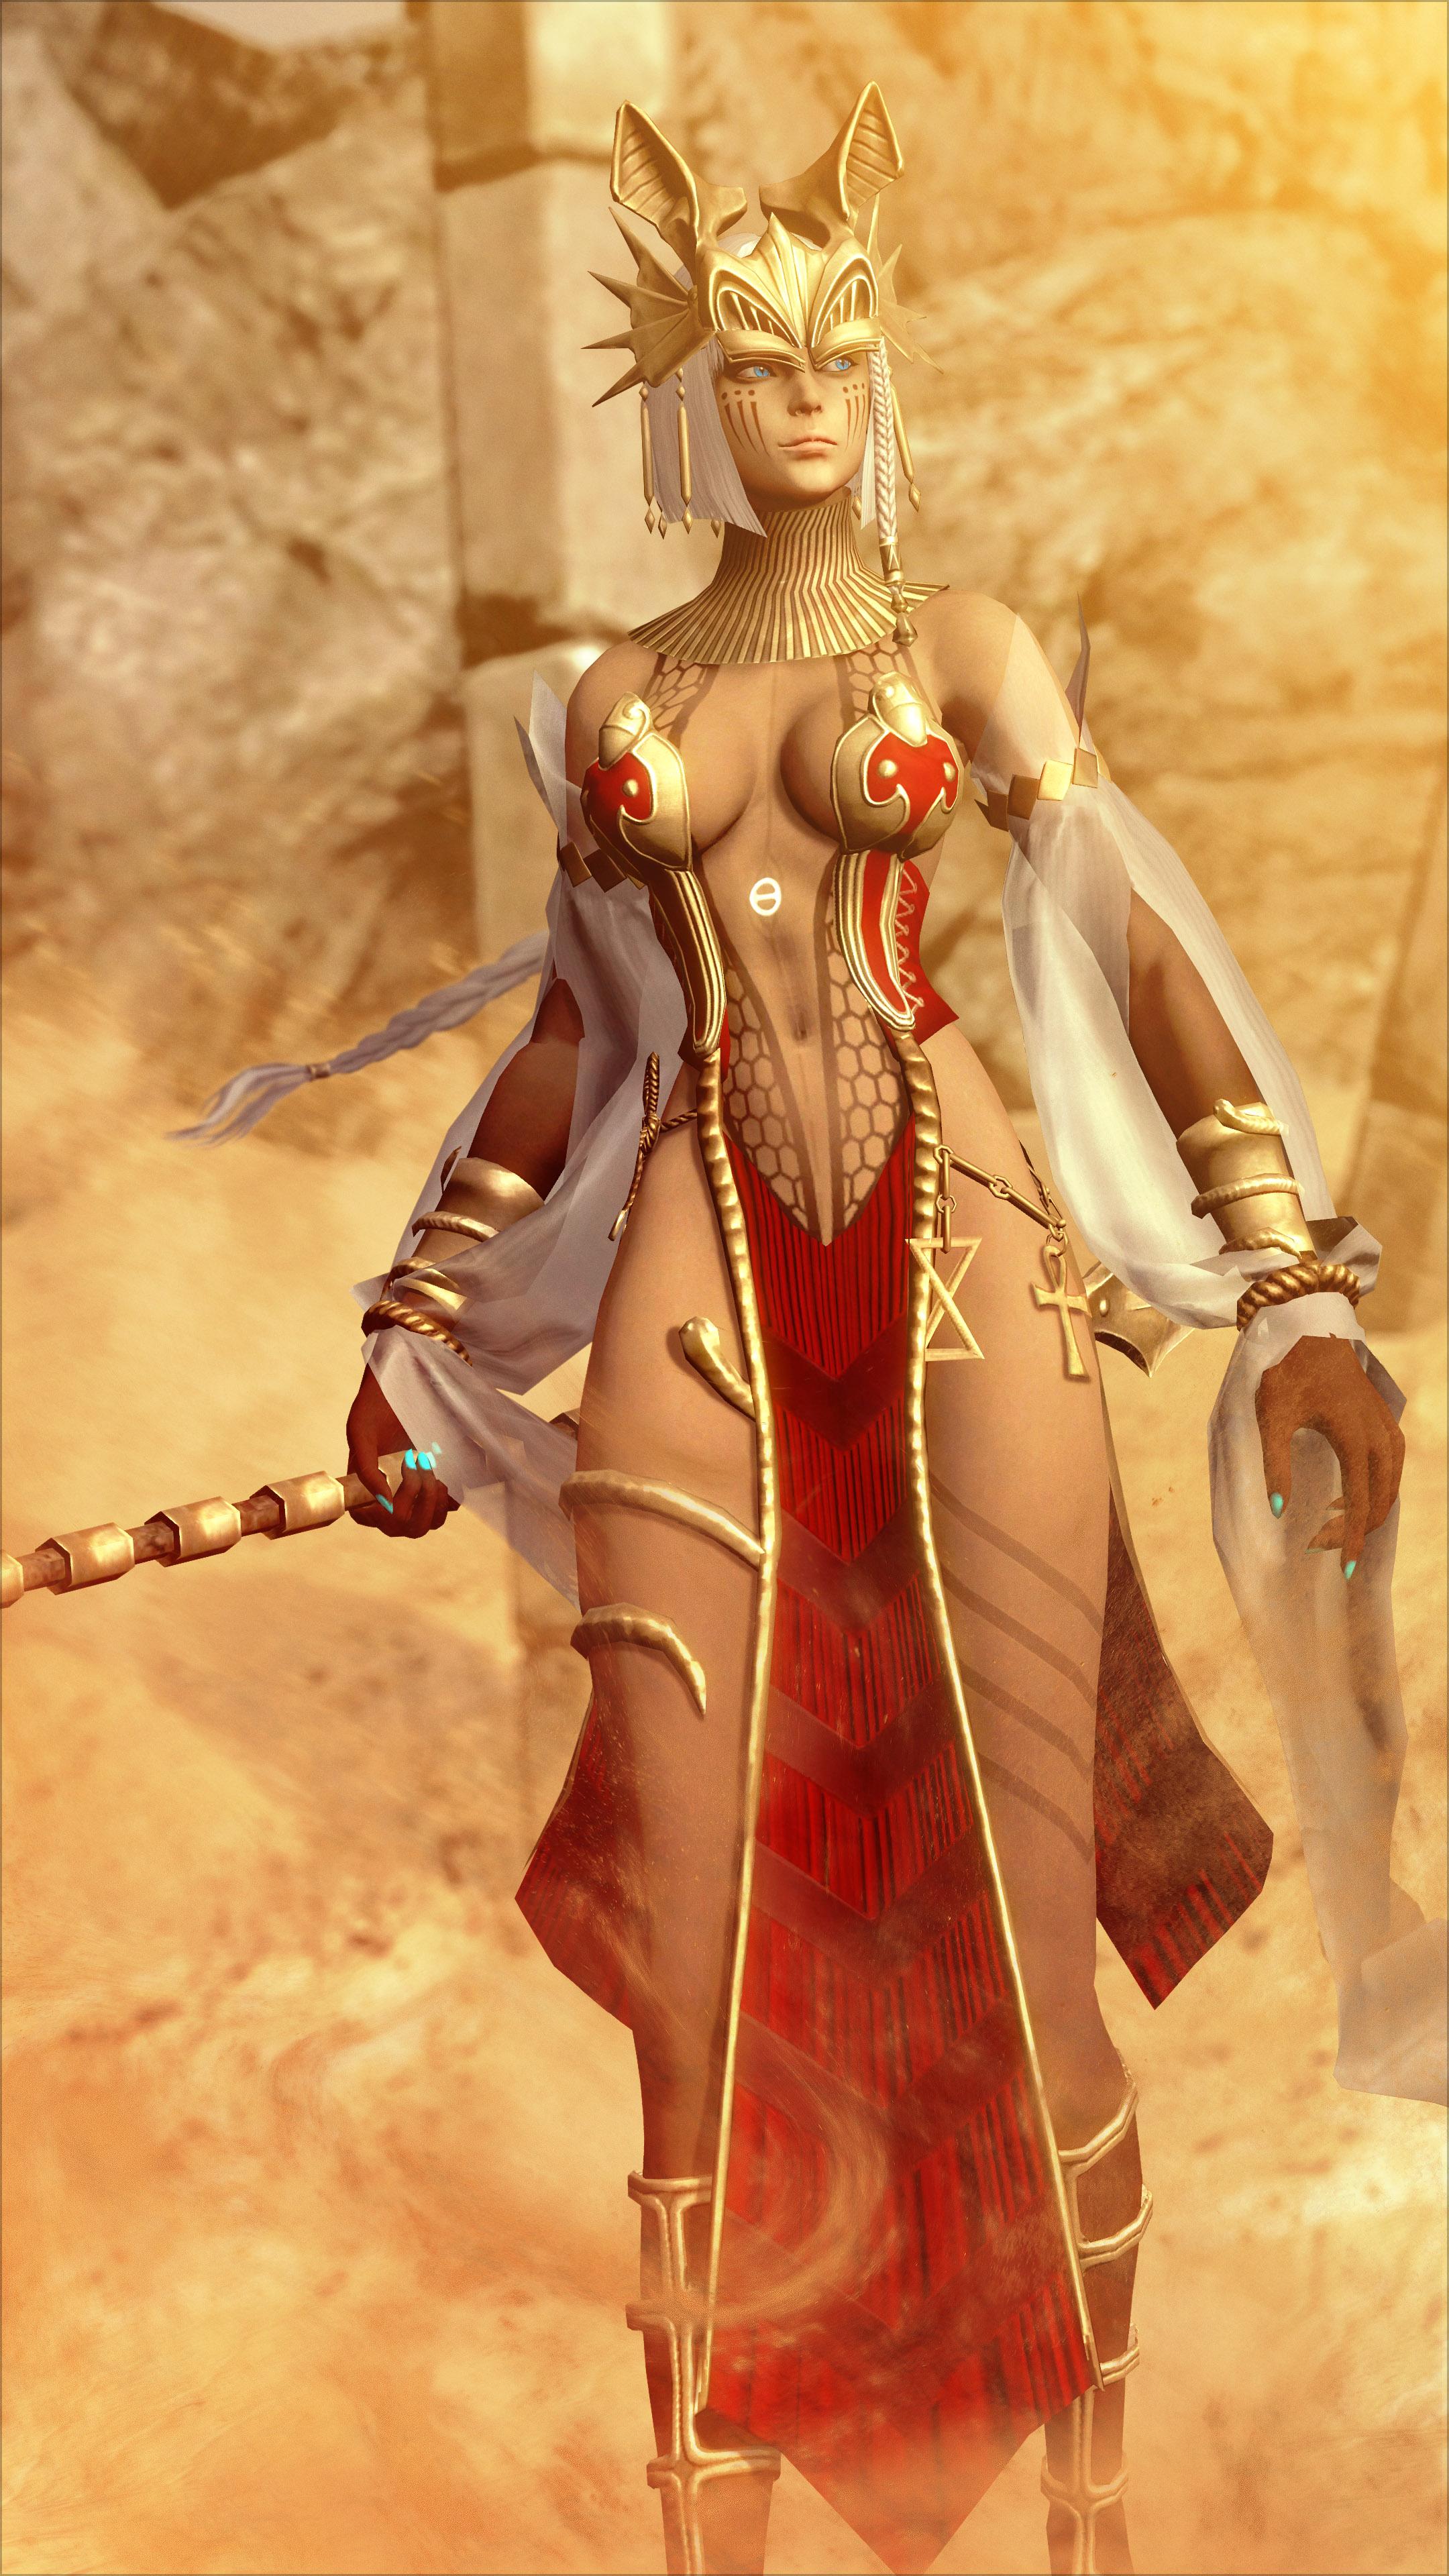 princess_of_the_desert_by_squiddytreat-d63iyee.jpg